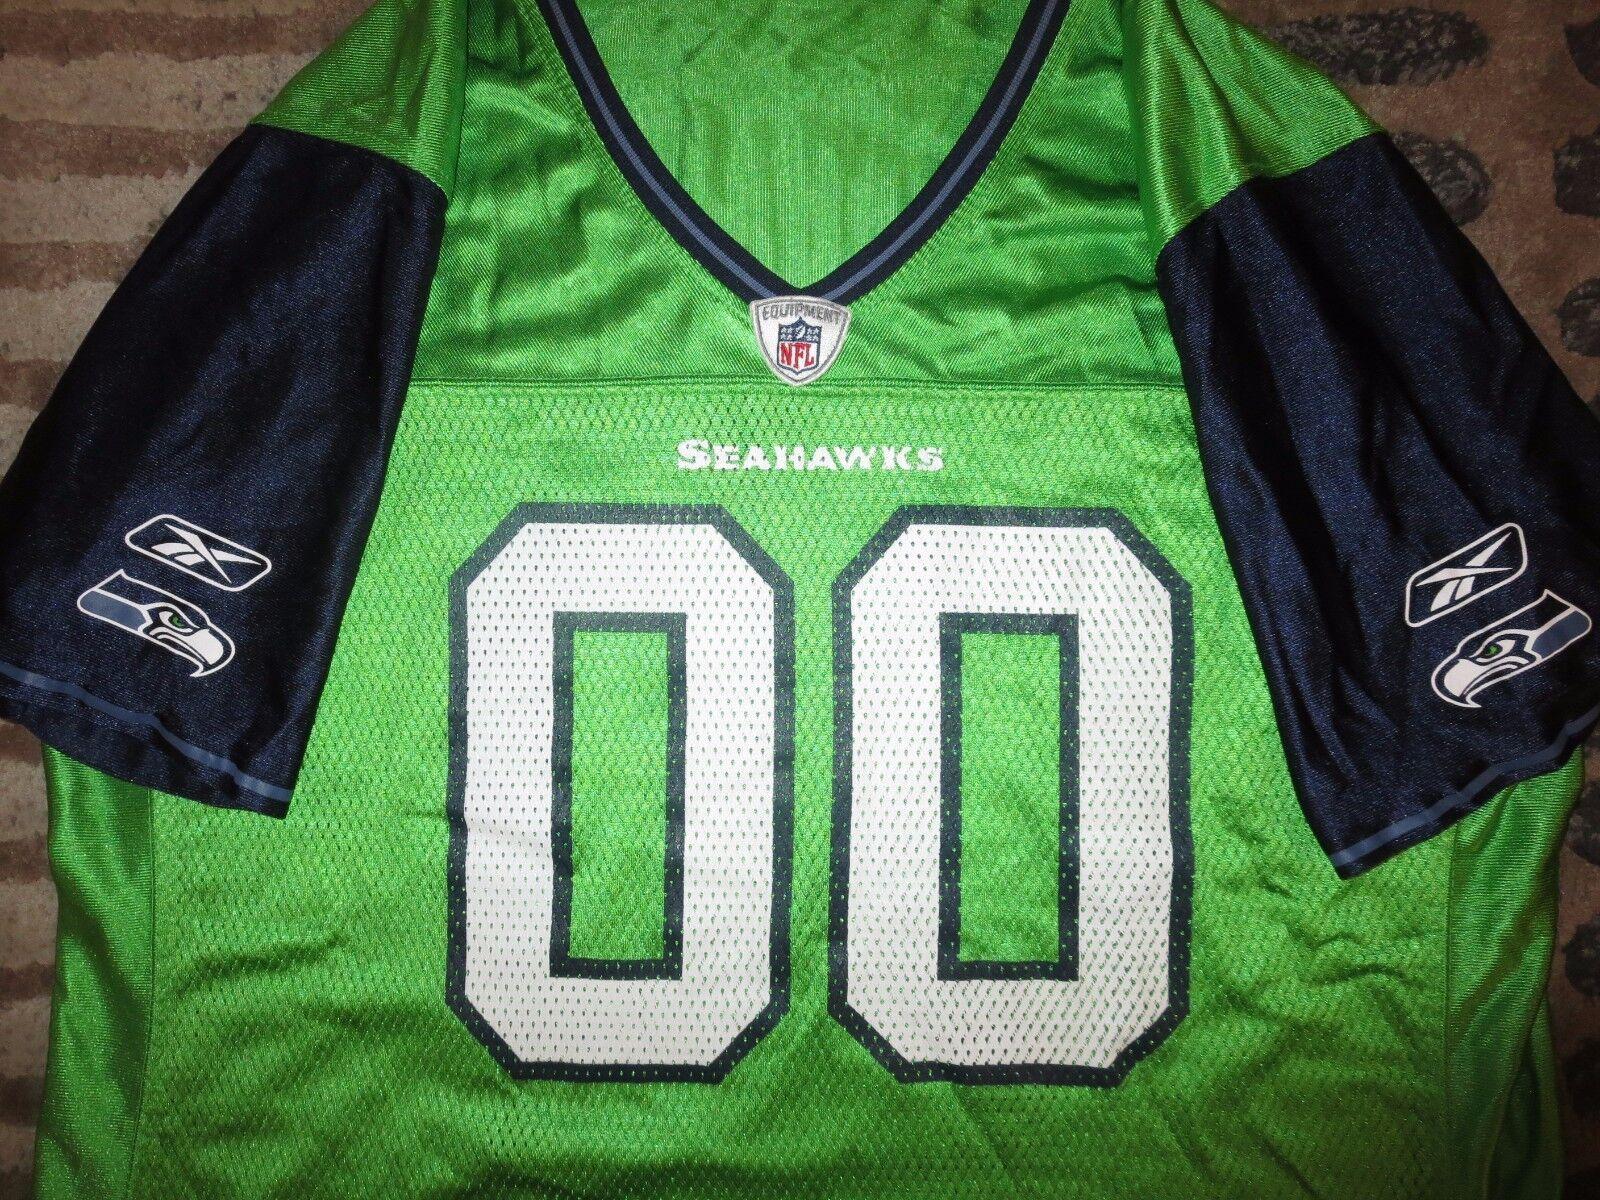 Seattle Seahawks Seahawks Seahawks Fußball Reebok NFL Trikot Damen 97eee4